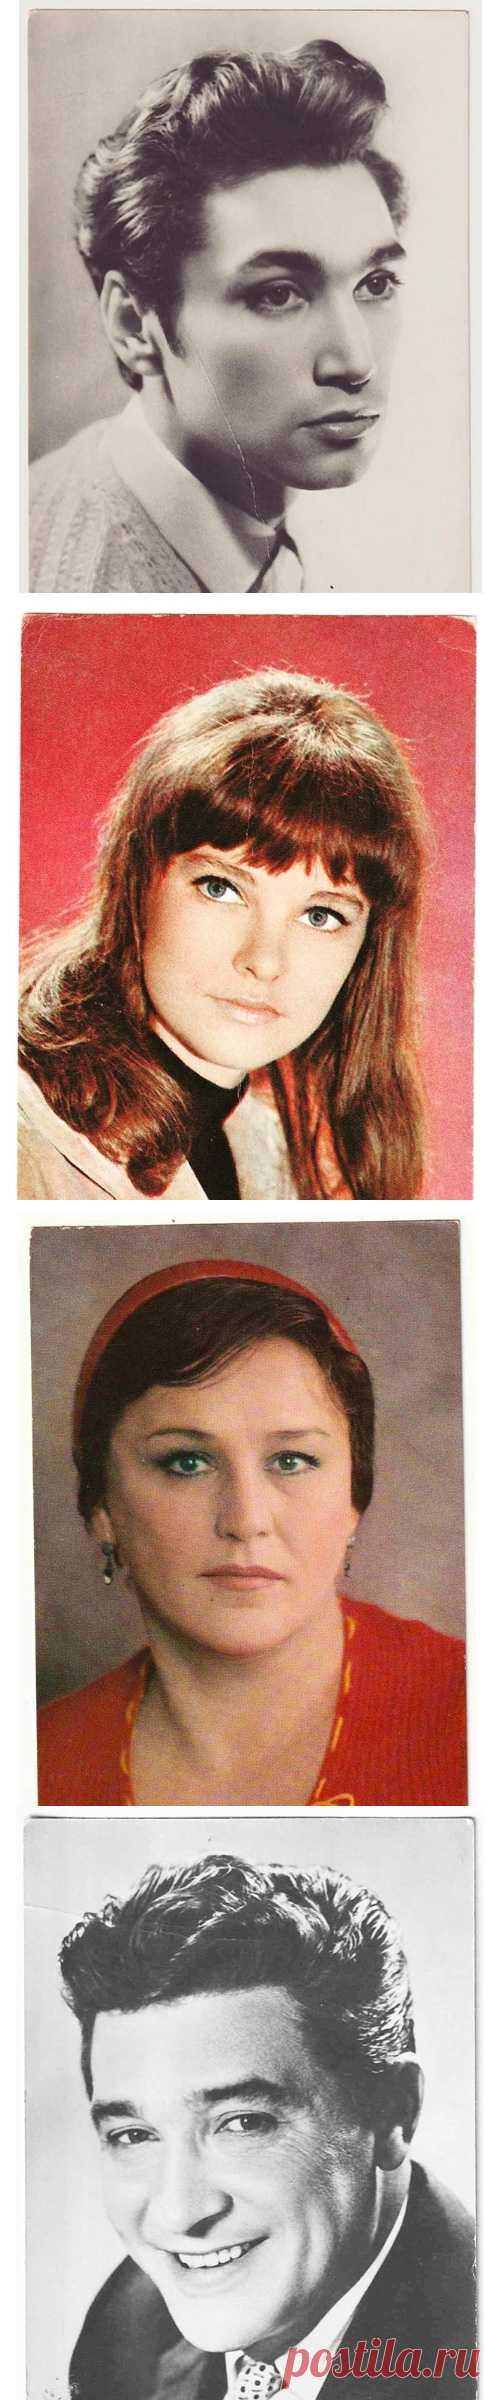 Посмотрите, что я нашел. Почти полсотни отсканированных открыток с советскими звездами театра и кино.